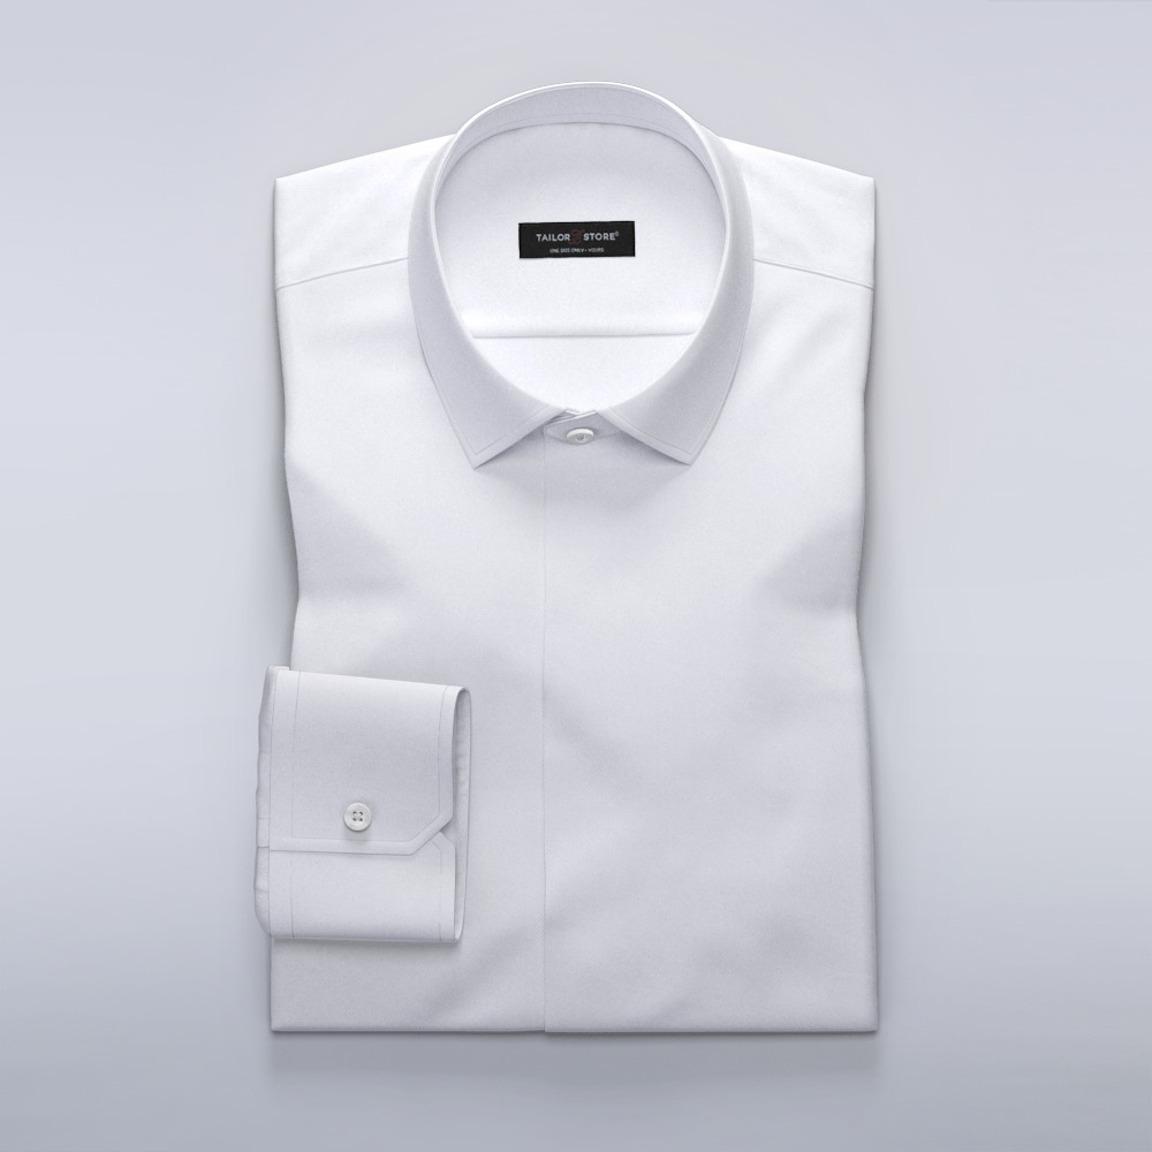 Business-skjorte til damer i hvid dobby-vævning.